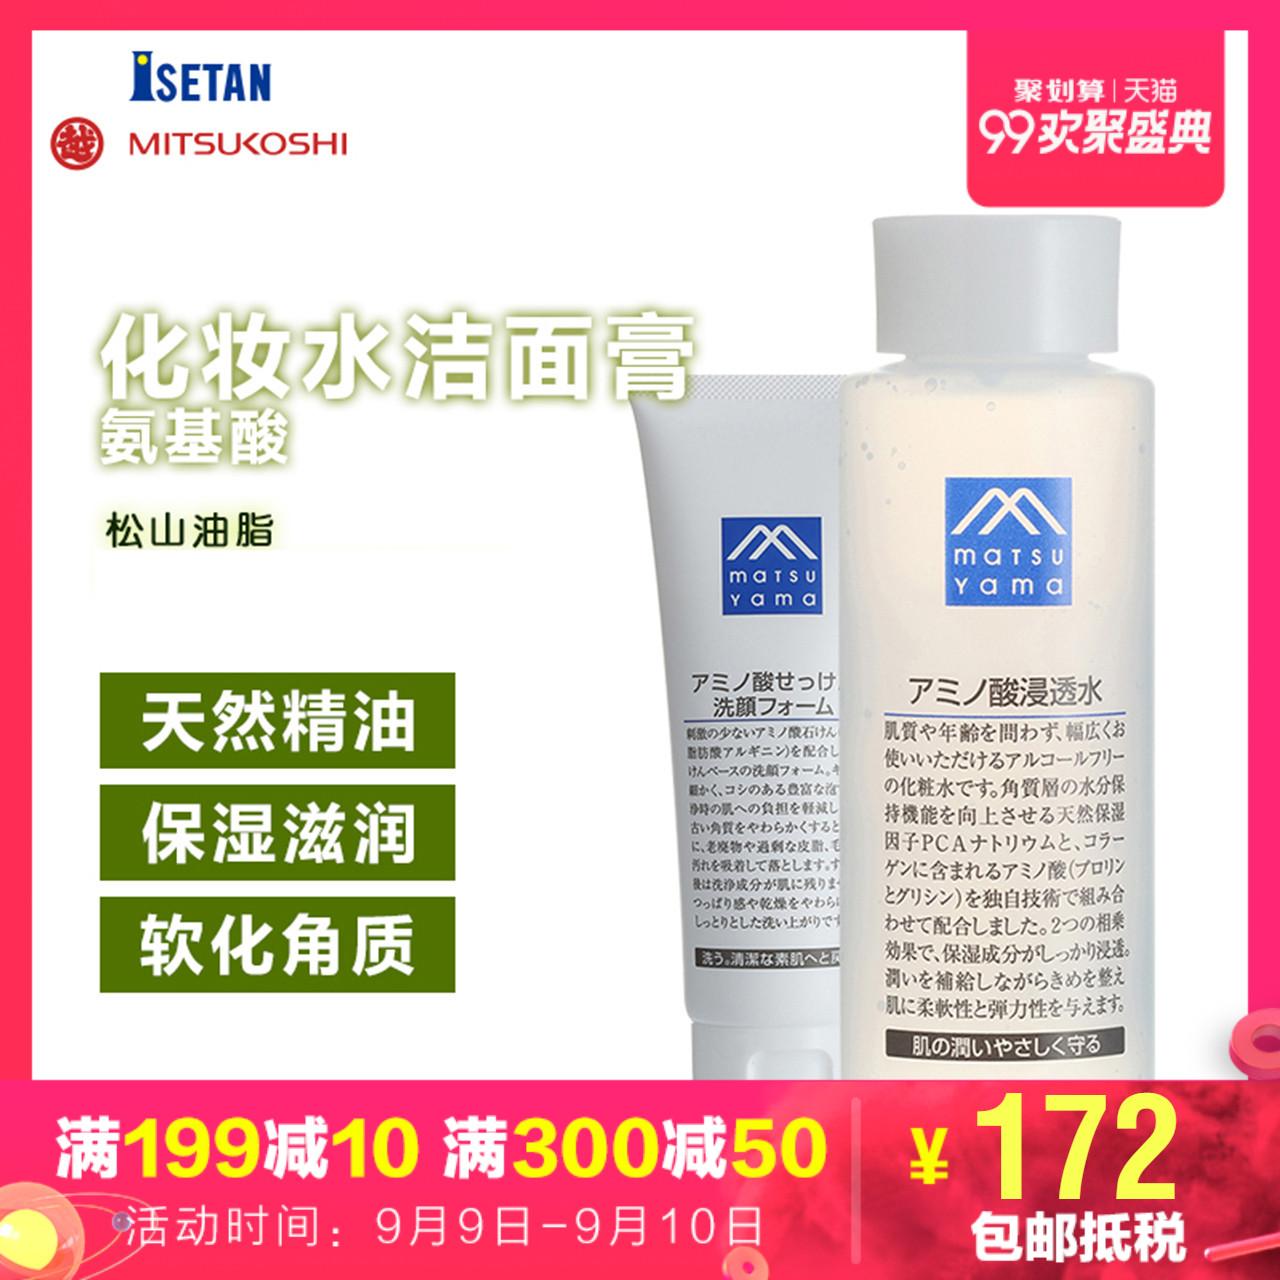 三越伊势丹 日本制松山油脂M-mark氨基酸保湿洁面膏 化妆水套装